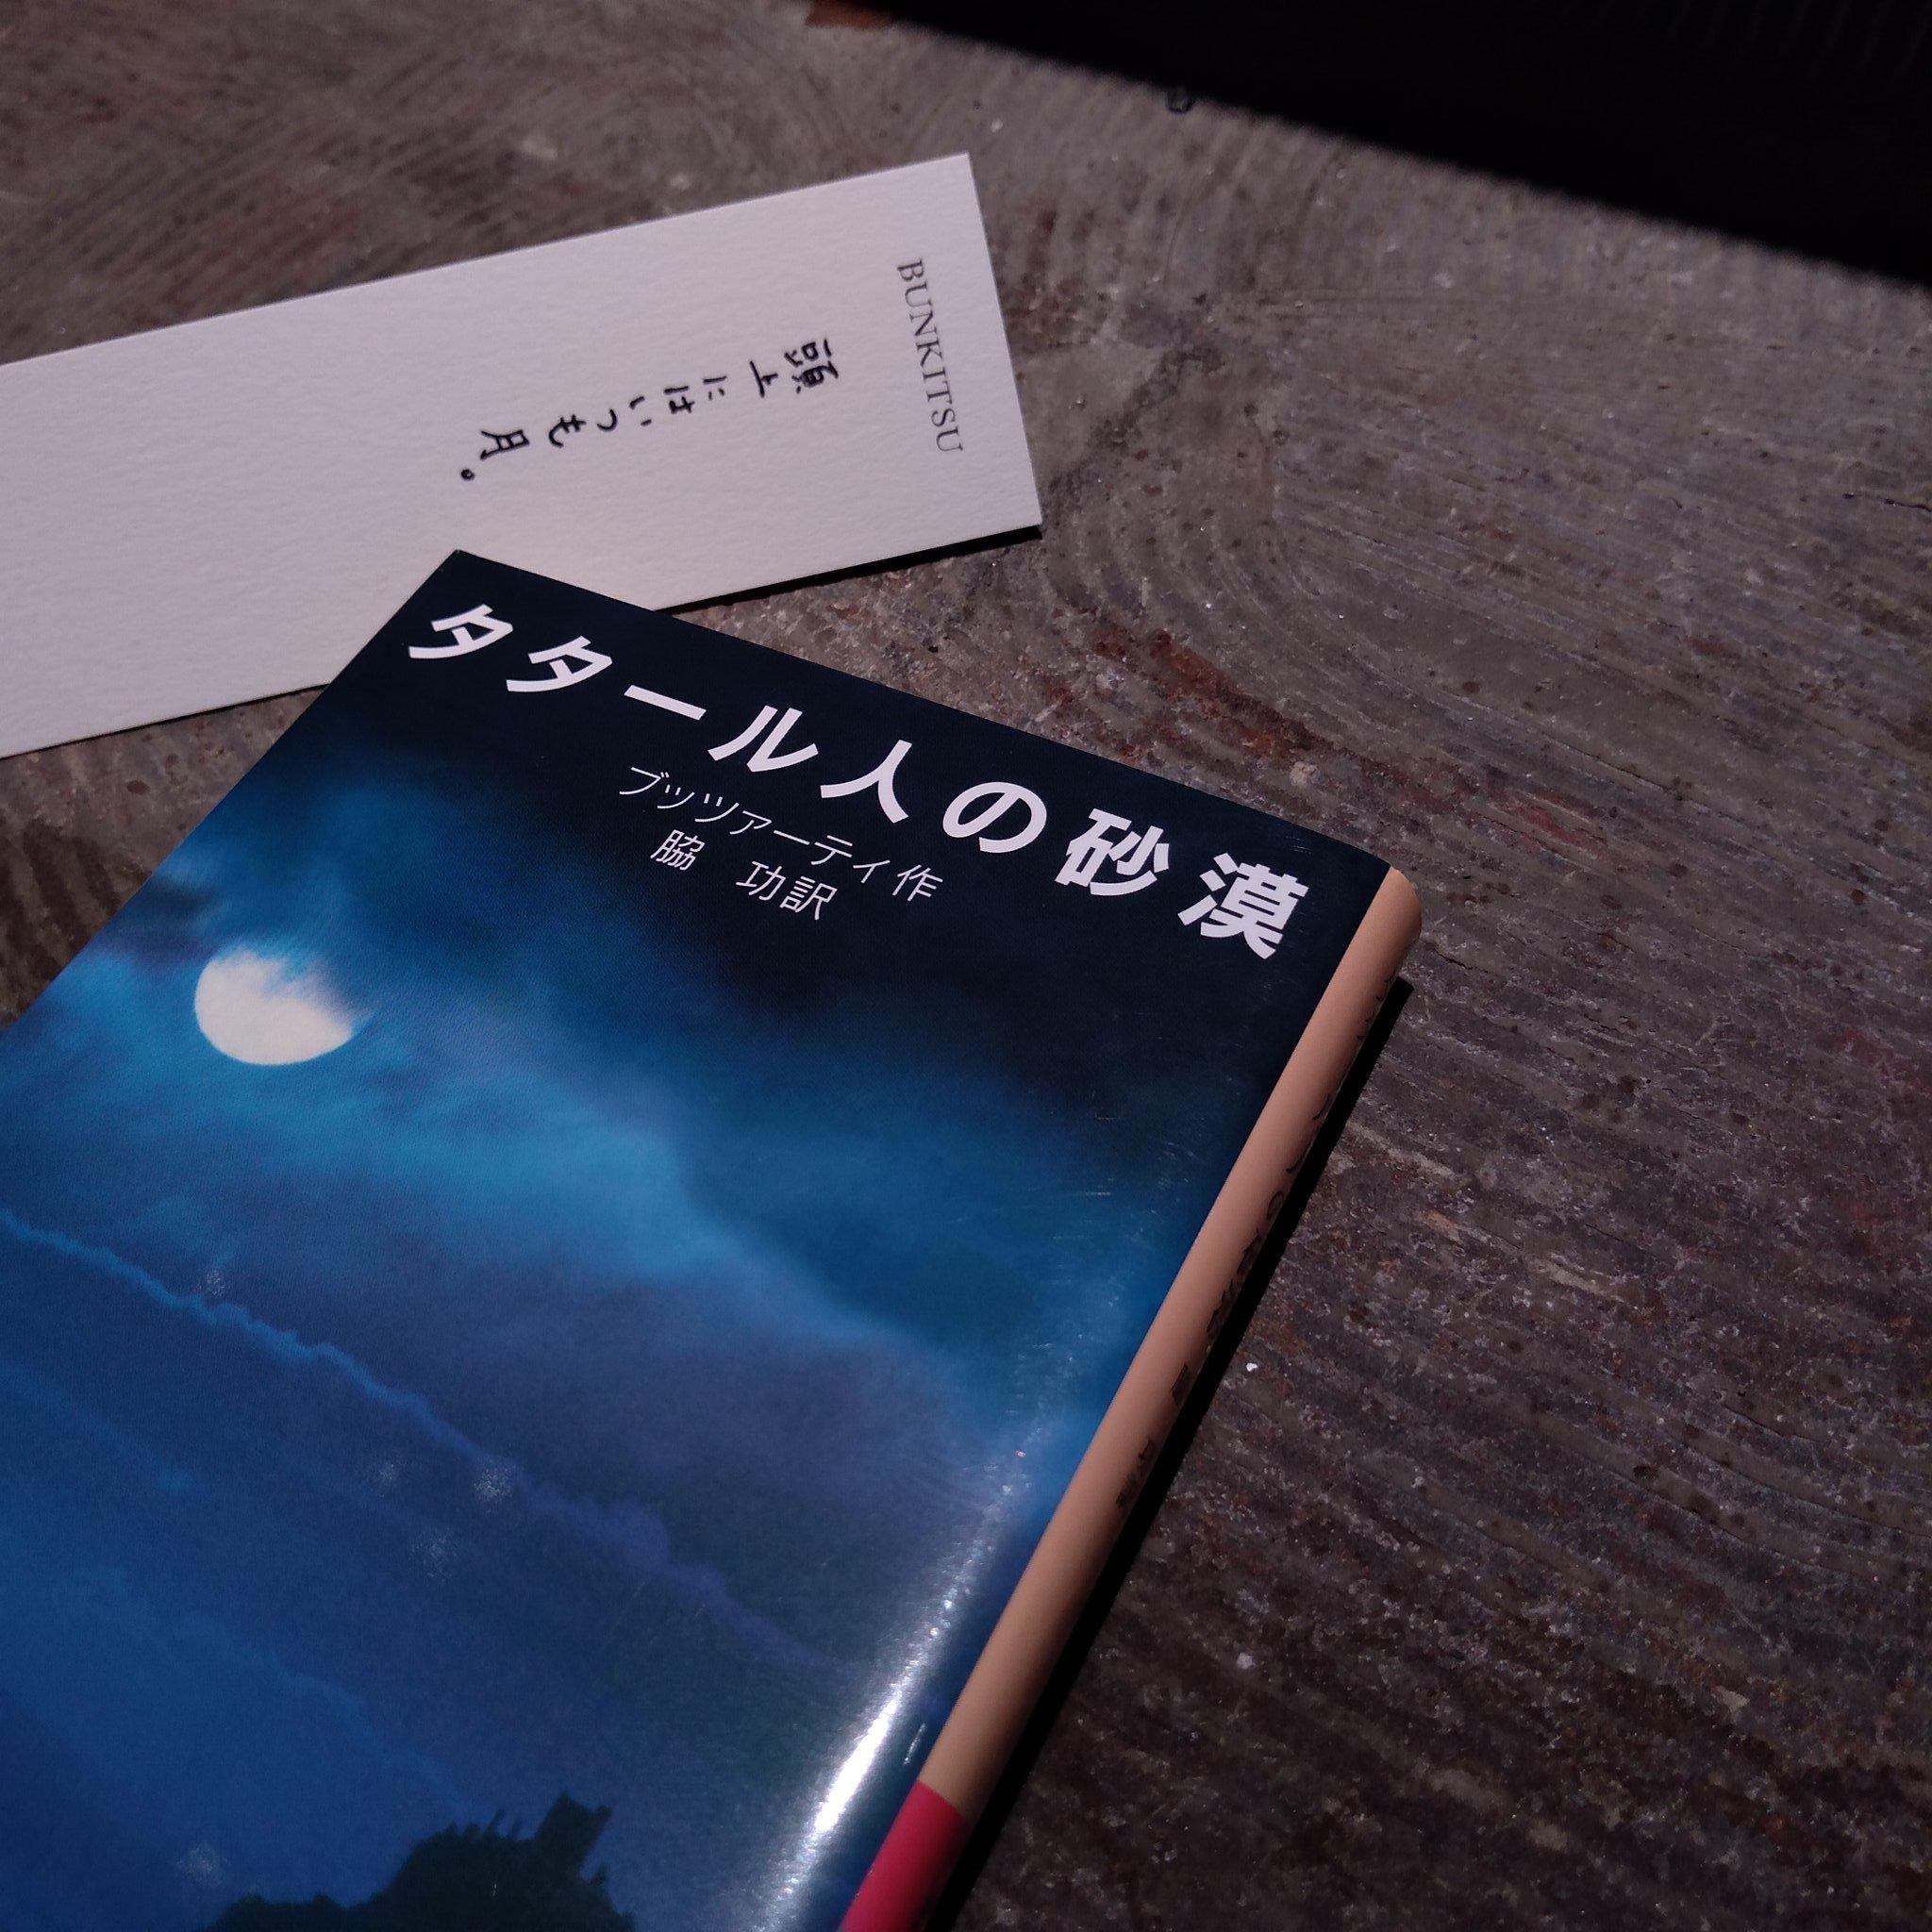 ブッツァーティ『タタール人の砂漠』(岩波書店)